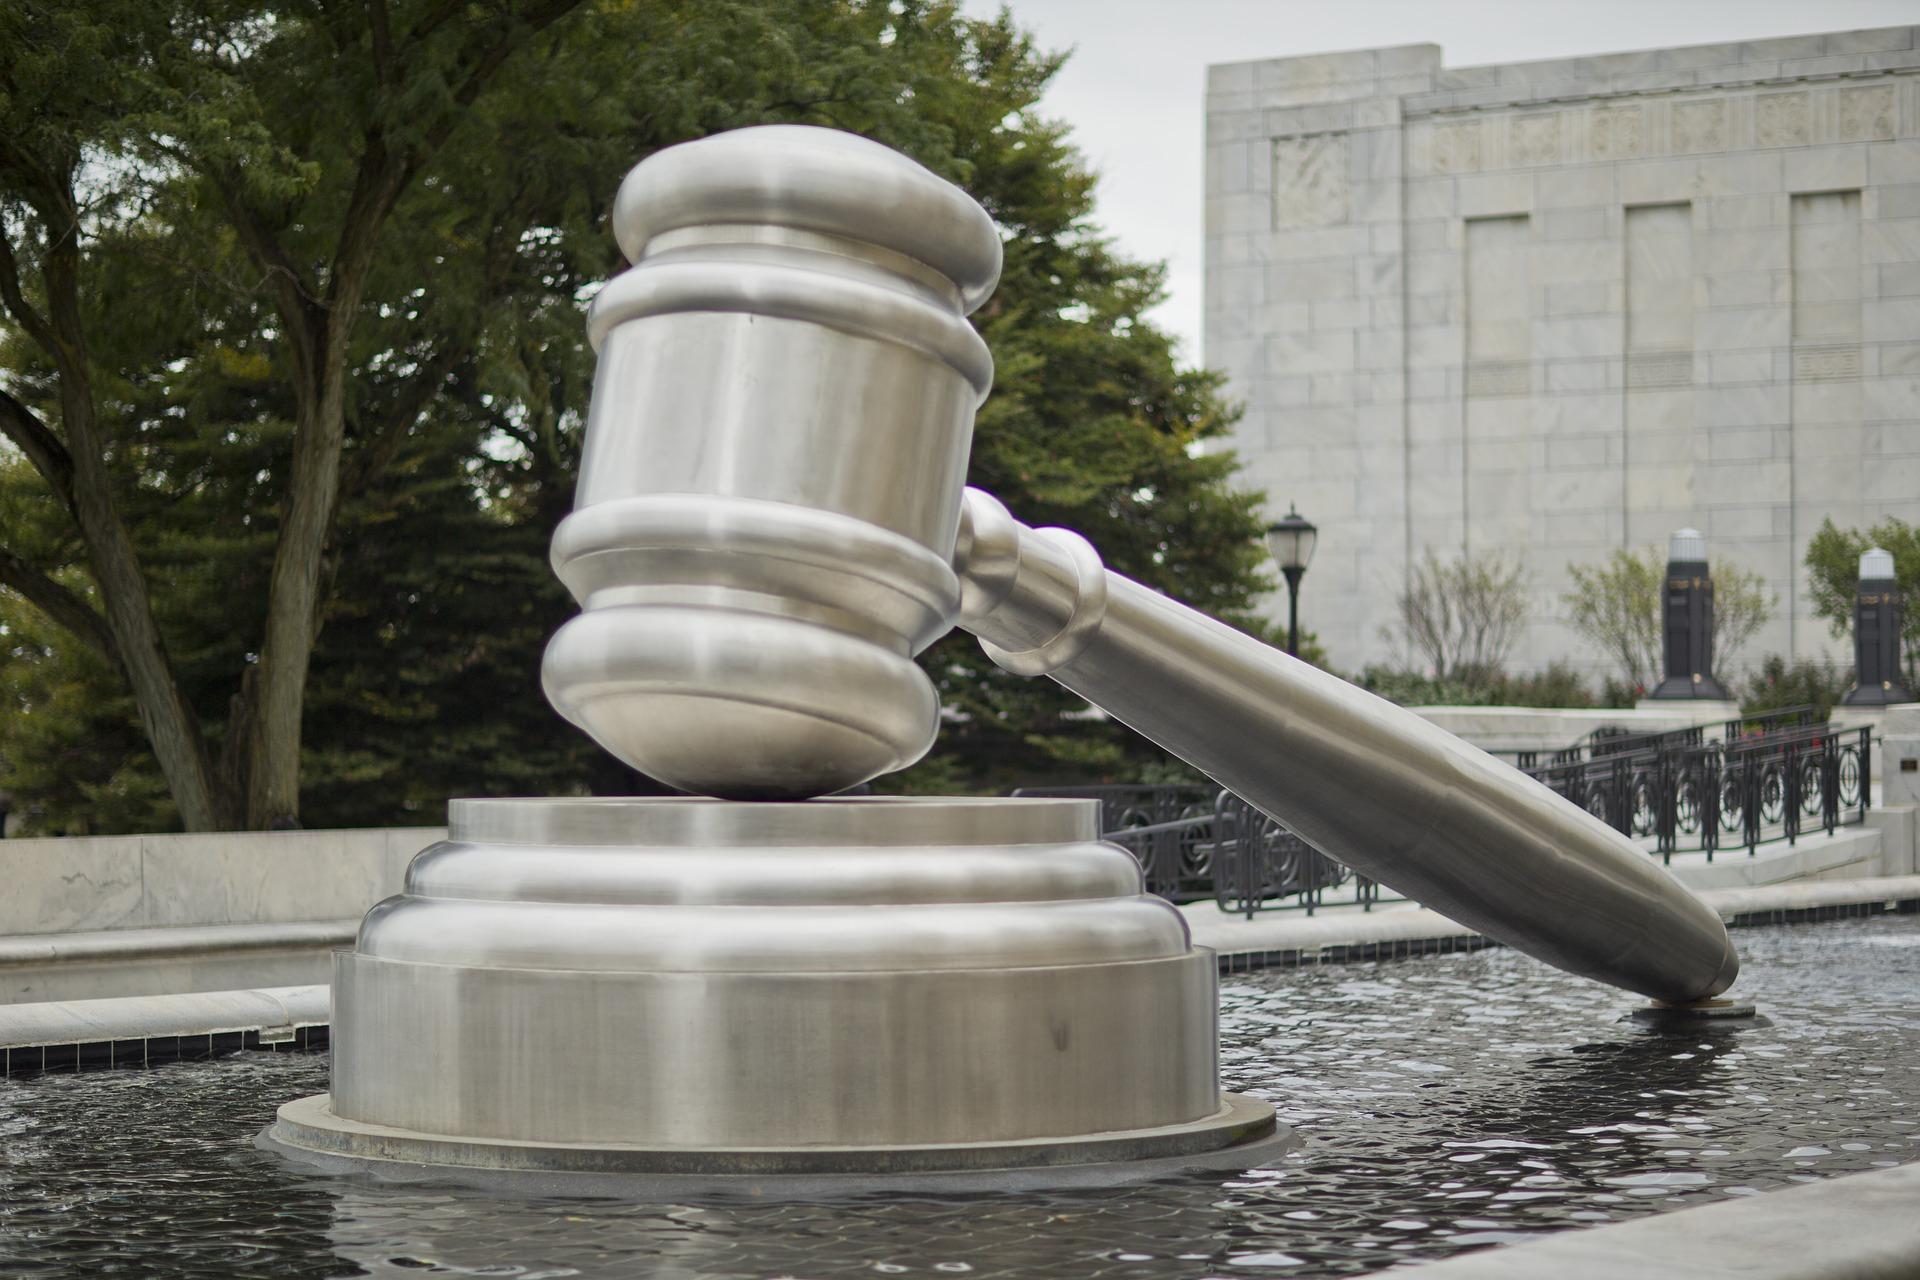 Abogados SG -  El juzgado asturiano de las cláusulas suelo, premio a la Justicia más eficaz de España - Széchényi-García Abogados | Oviedo